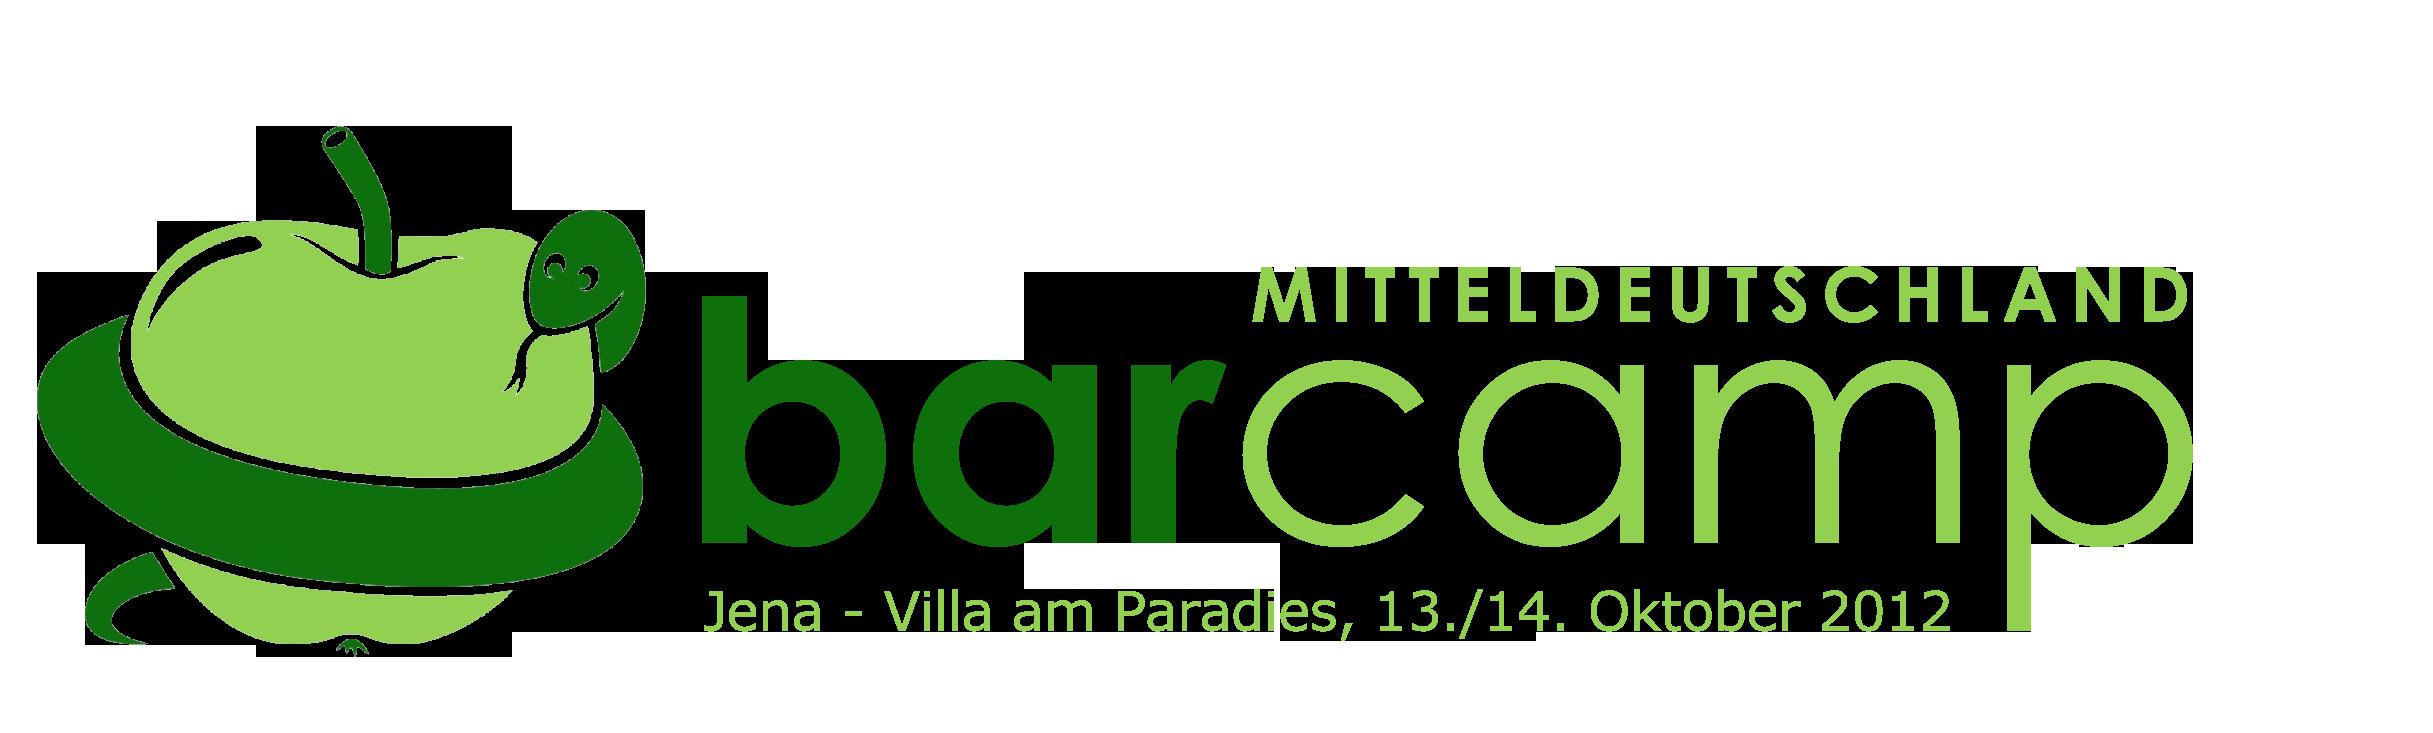 Logo 4. BarCamp Mitteldeutschland / Jena